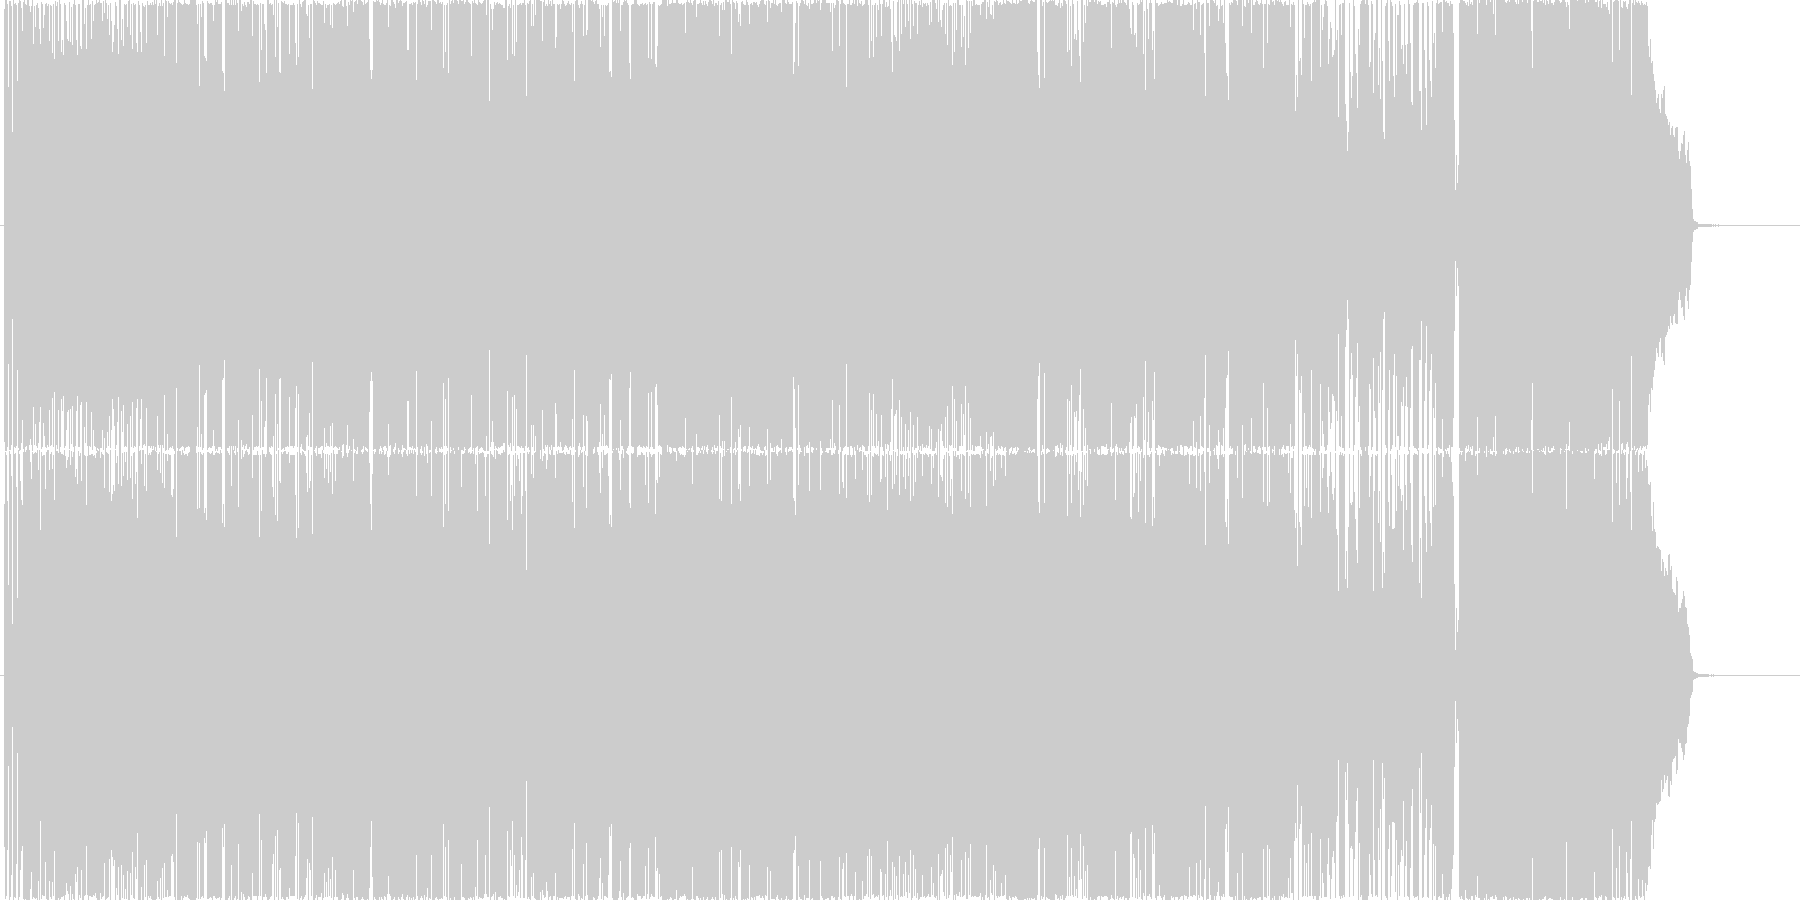 昔ながらのパンクロック風 女性ボーカル曲の未再生の波形